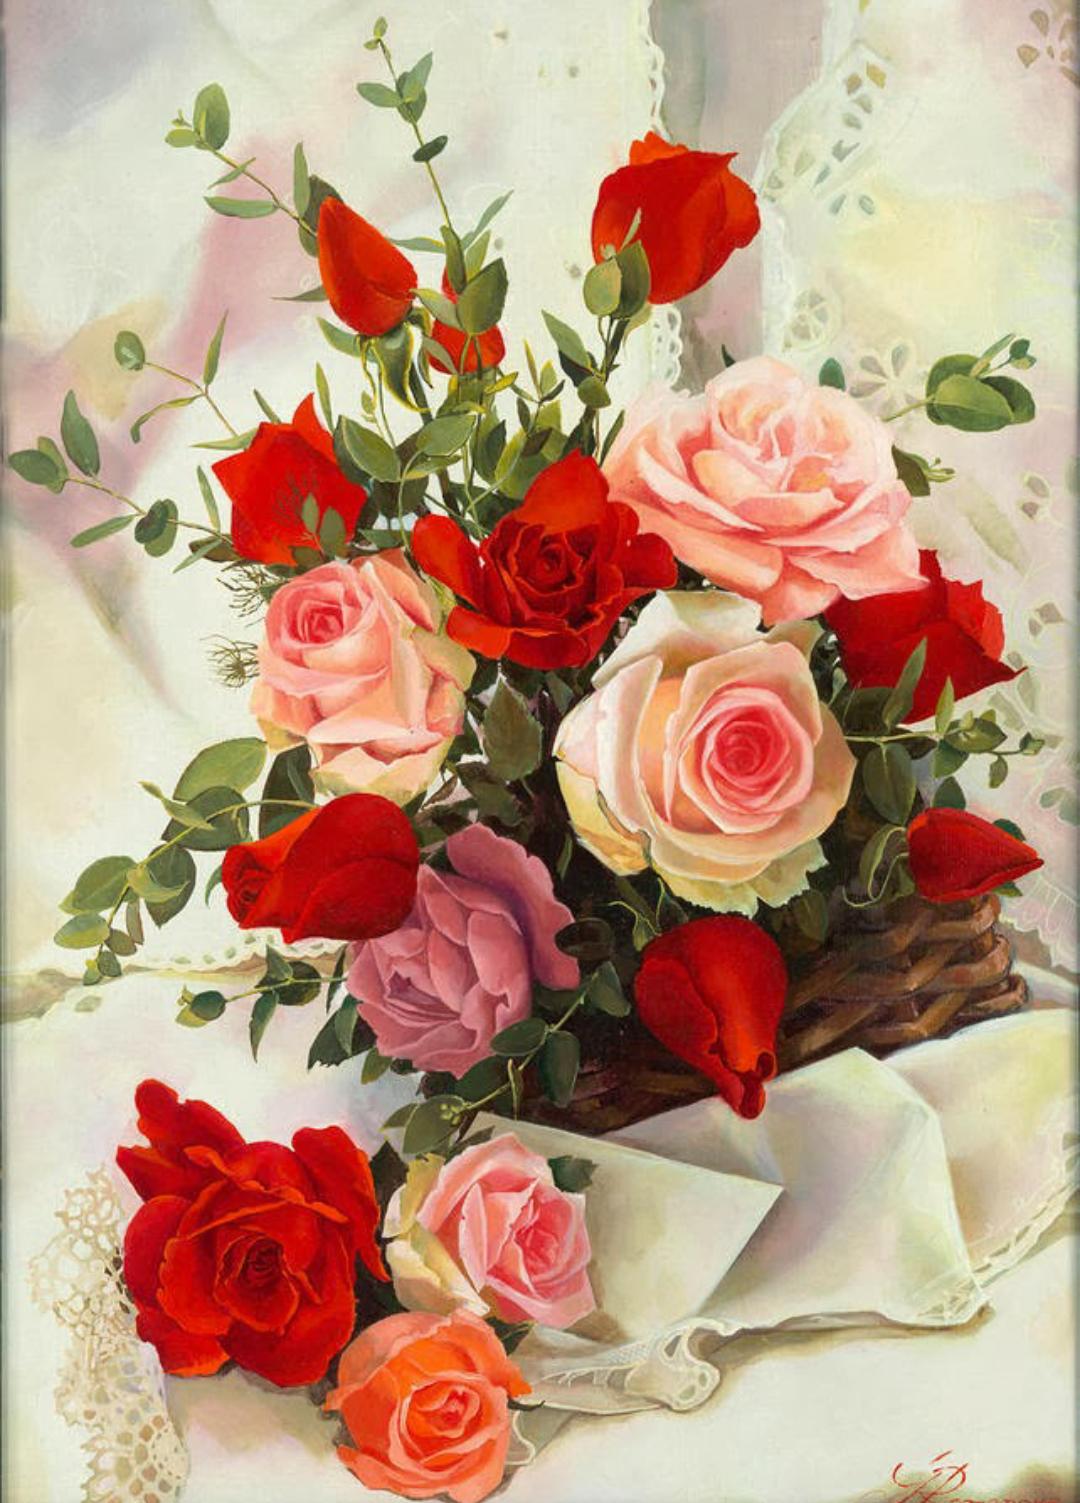 запросу открытки красивые цветы розы домашних